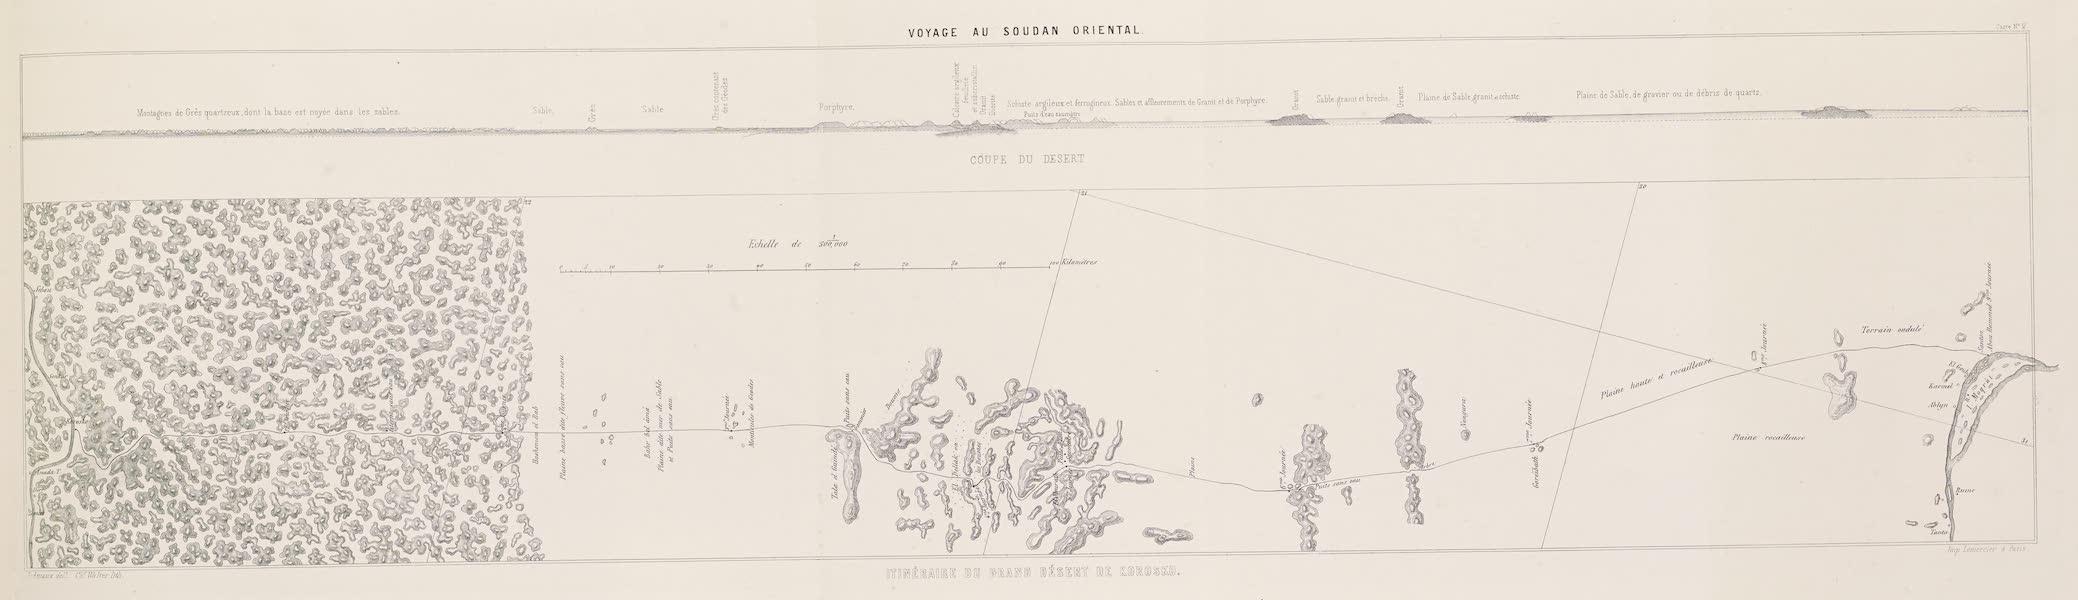 Voyages au Soudan Oriental et Dans l'Afrique Septentrionale - Carte no. 2. Carte de l'itinéraire du grand désert de Korosko. (1852)